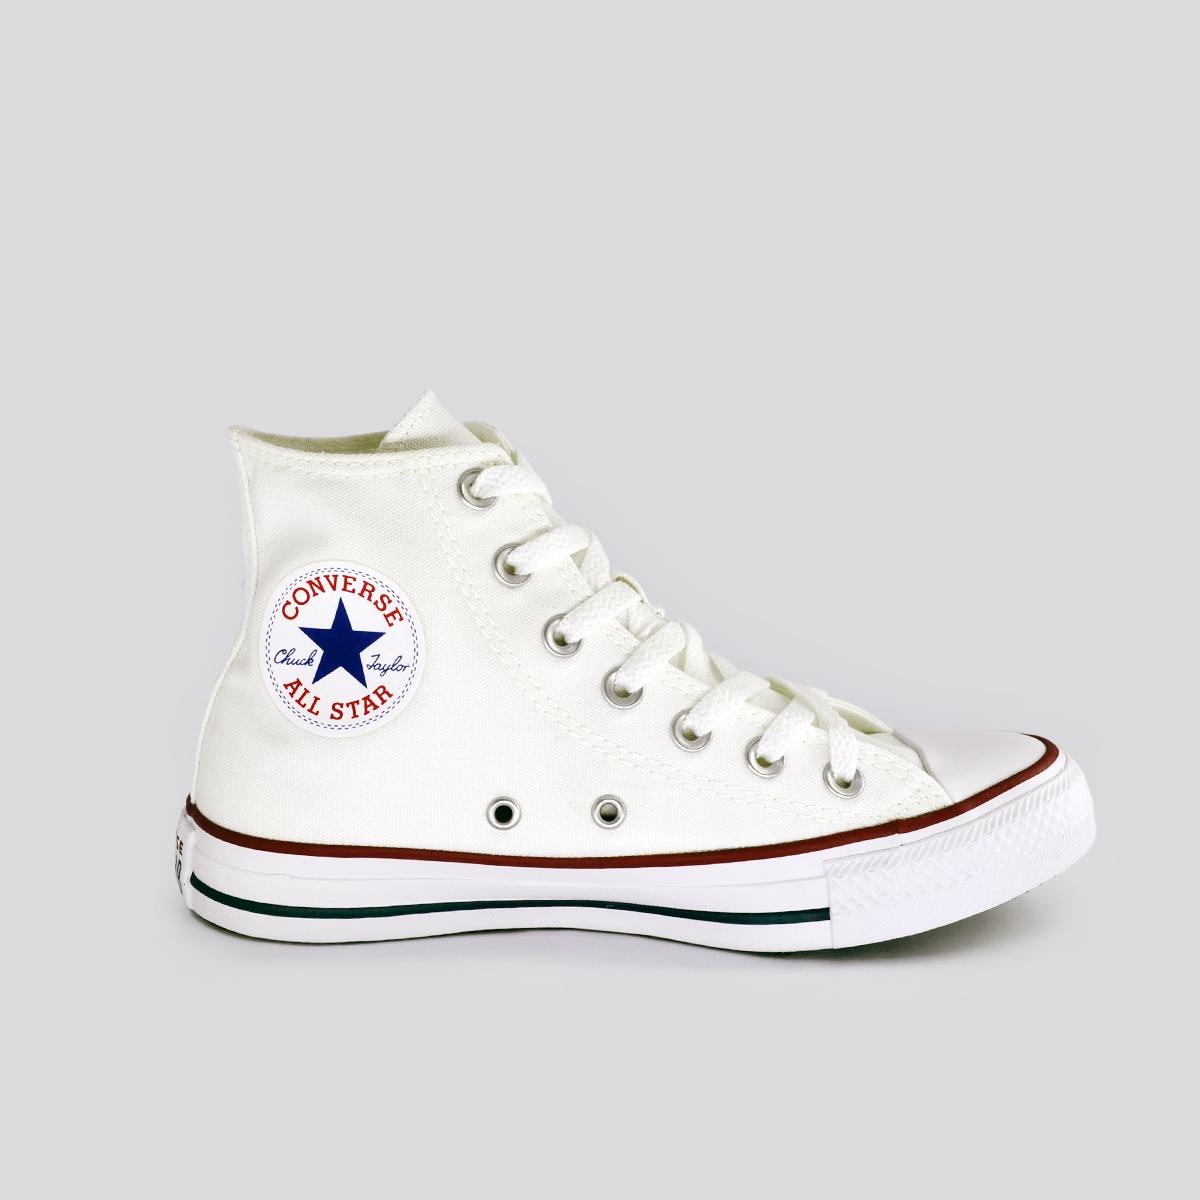 Tênis Unissex Converse All Star Branco Cano Alto